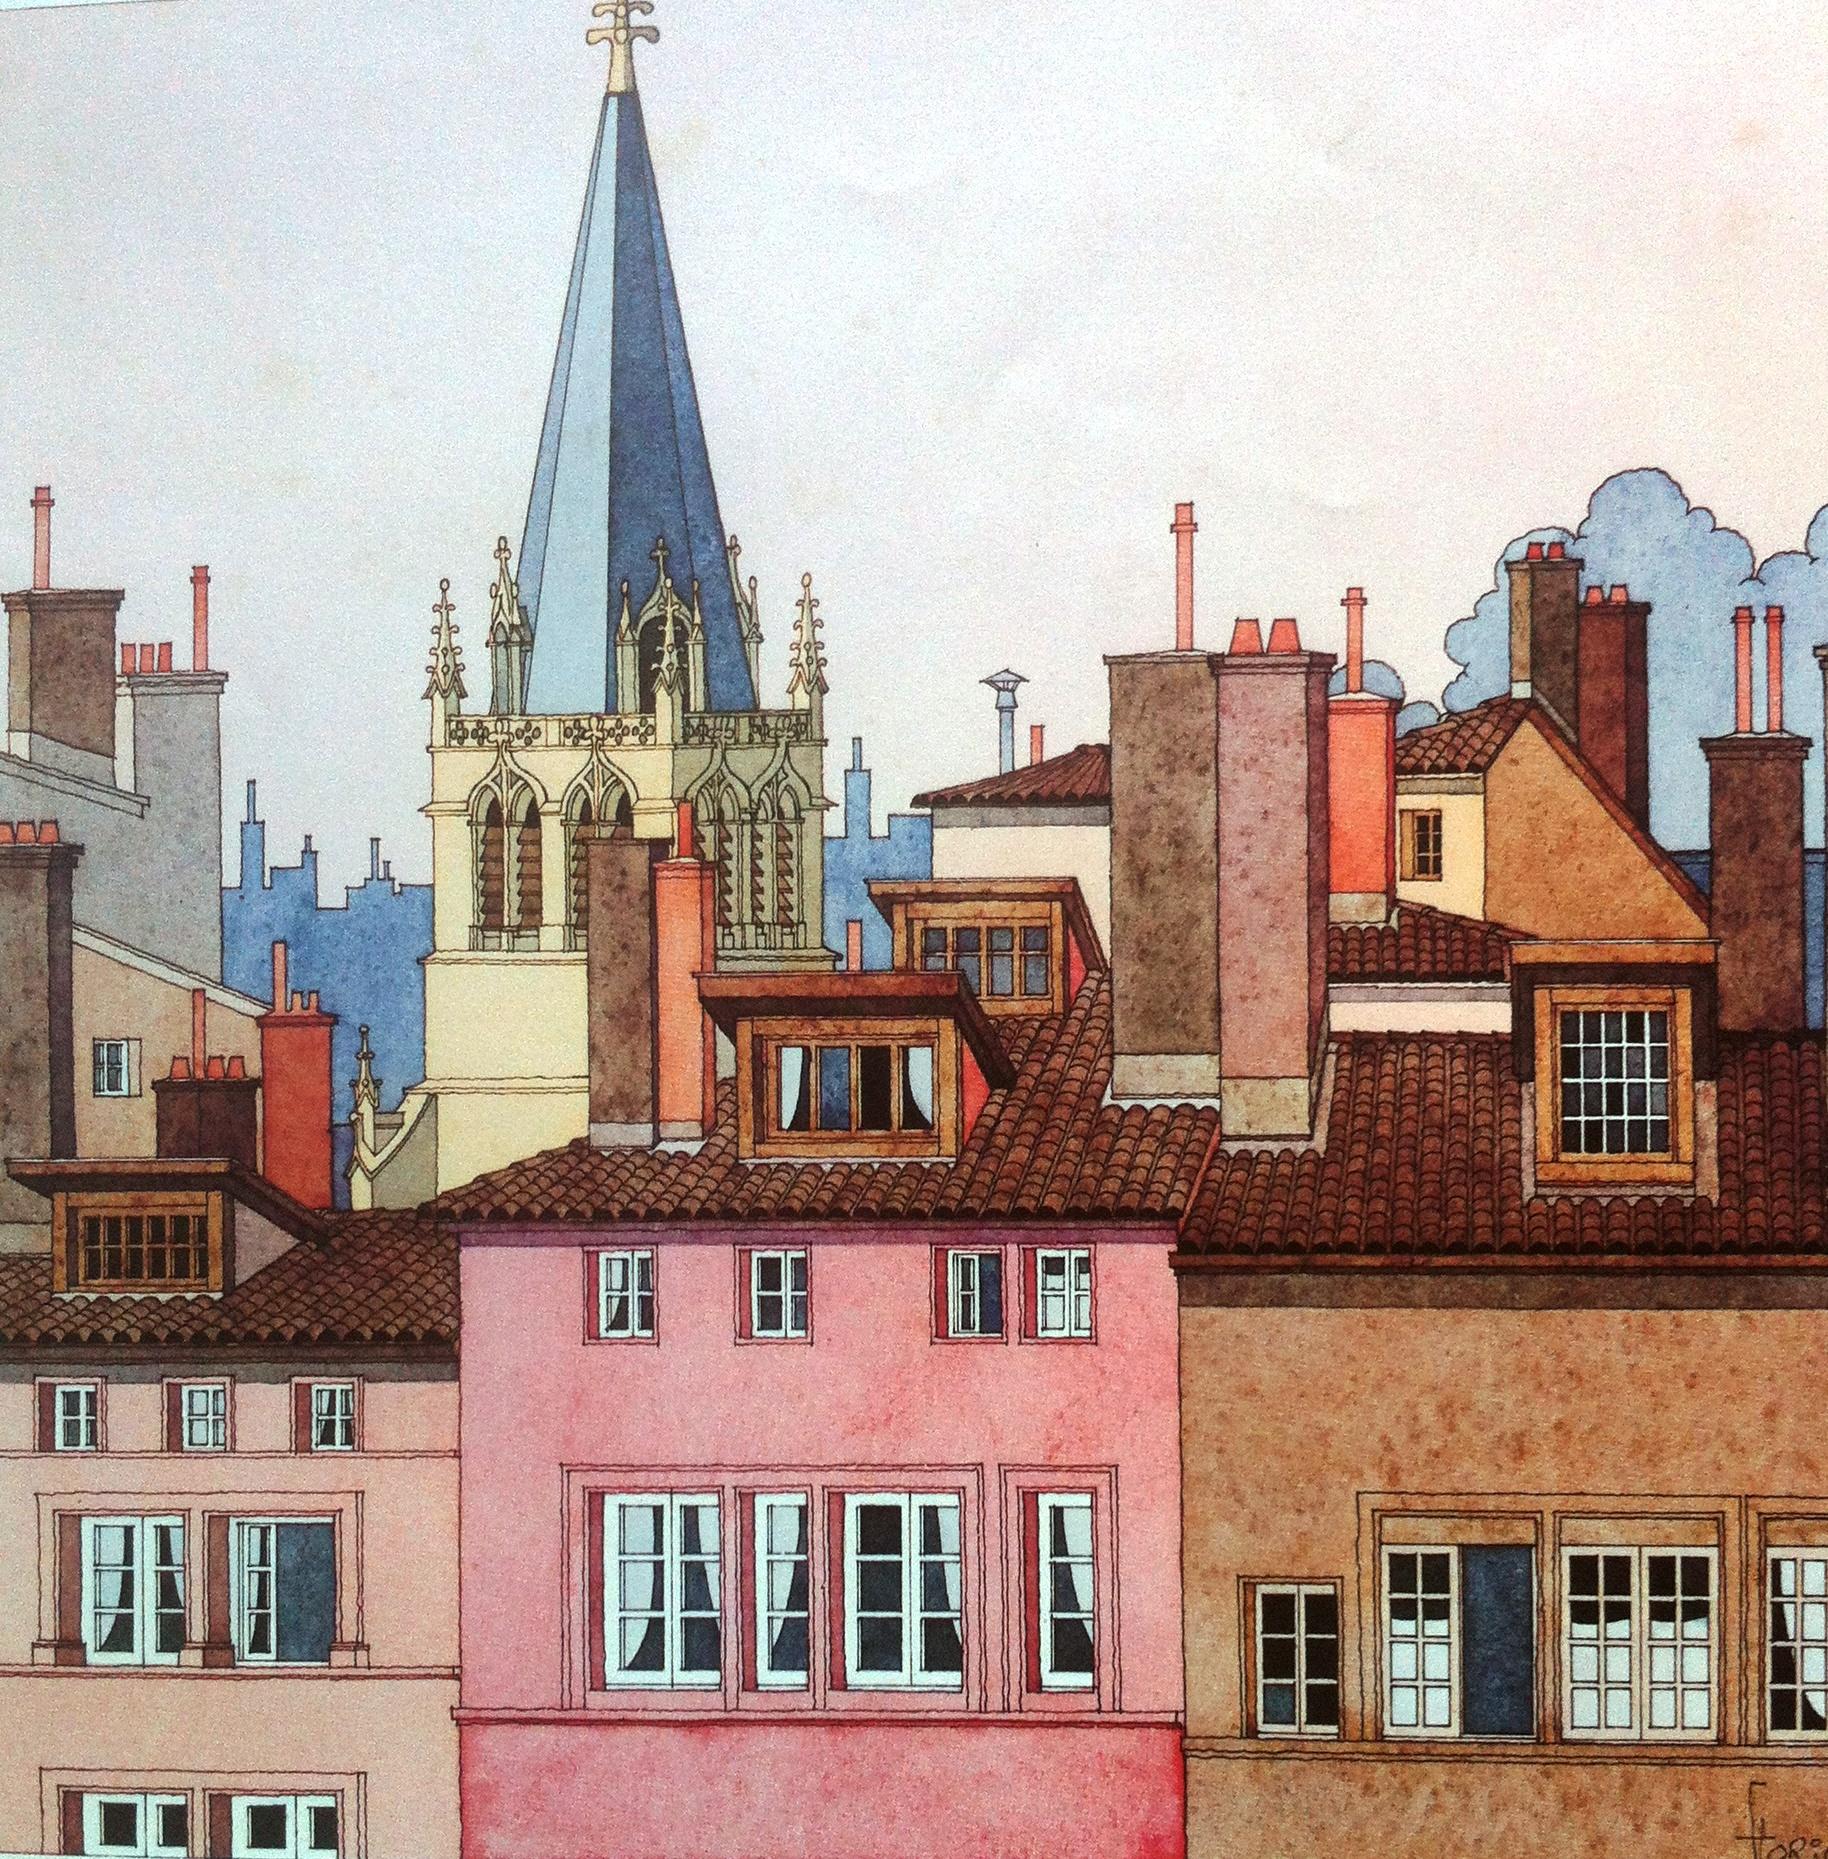 Galerie de la Charité. Patrice Flori, voyageur imaginaire